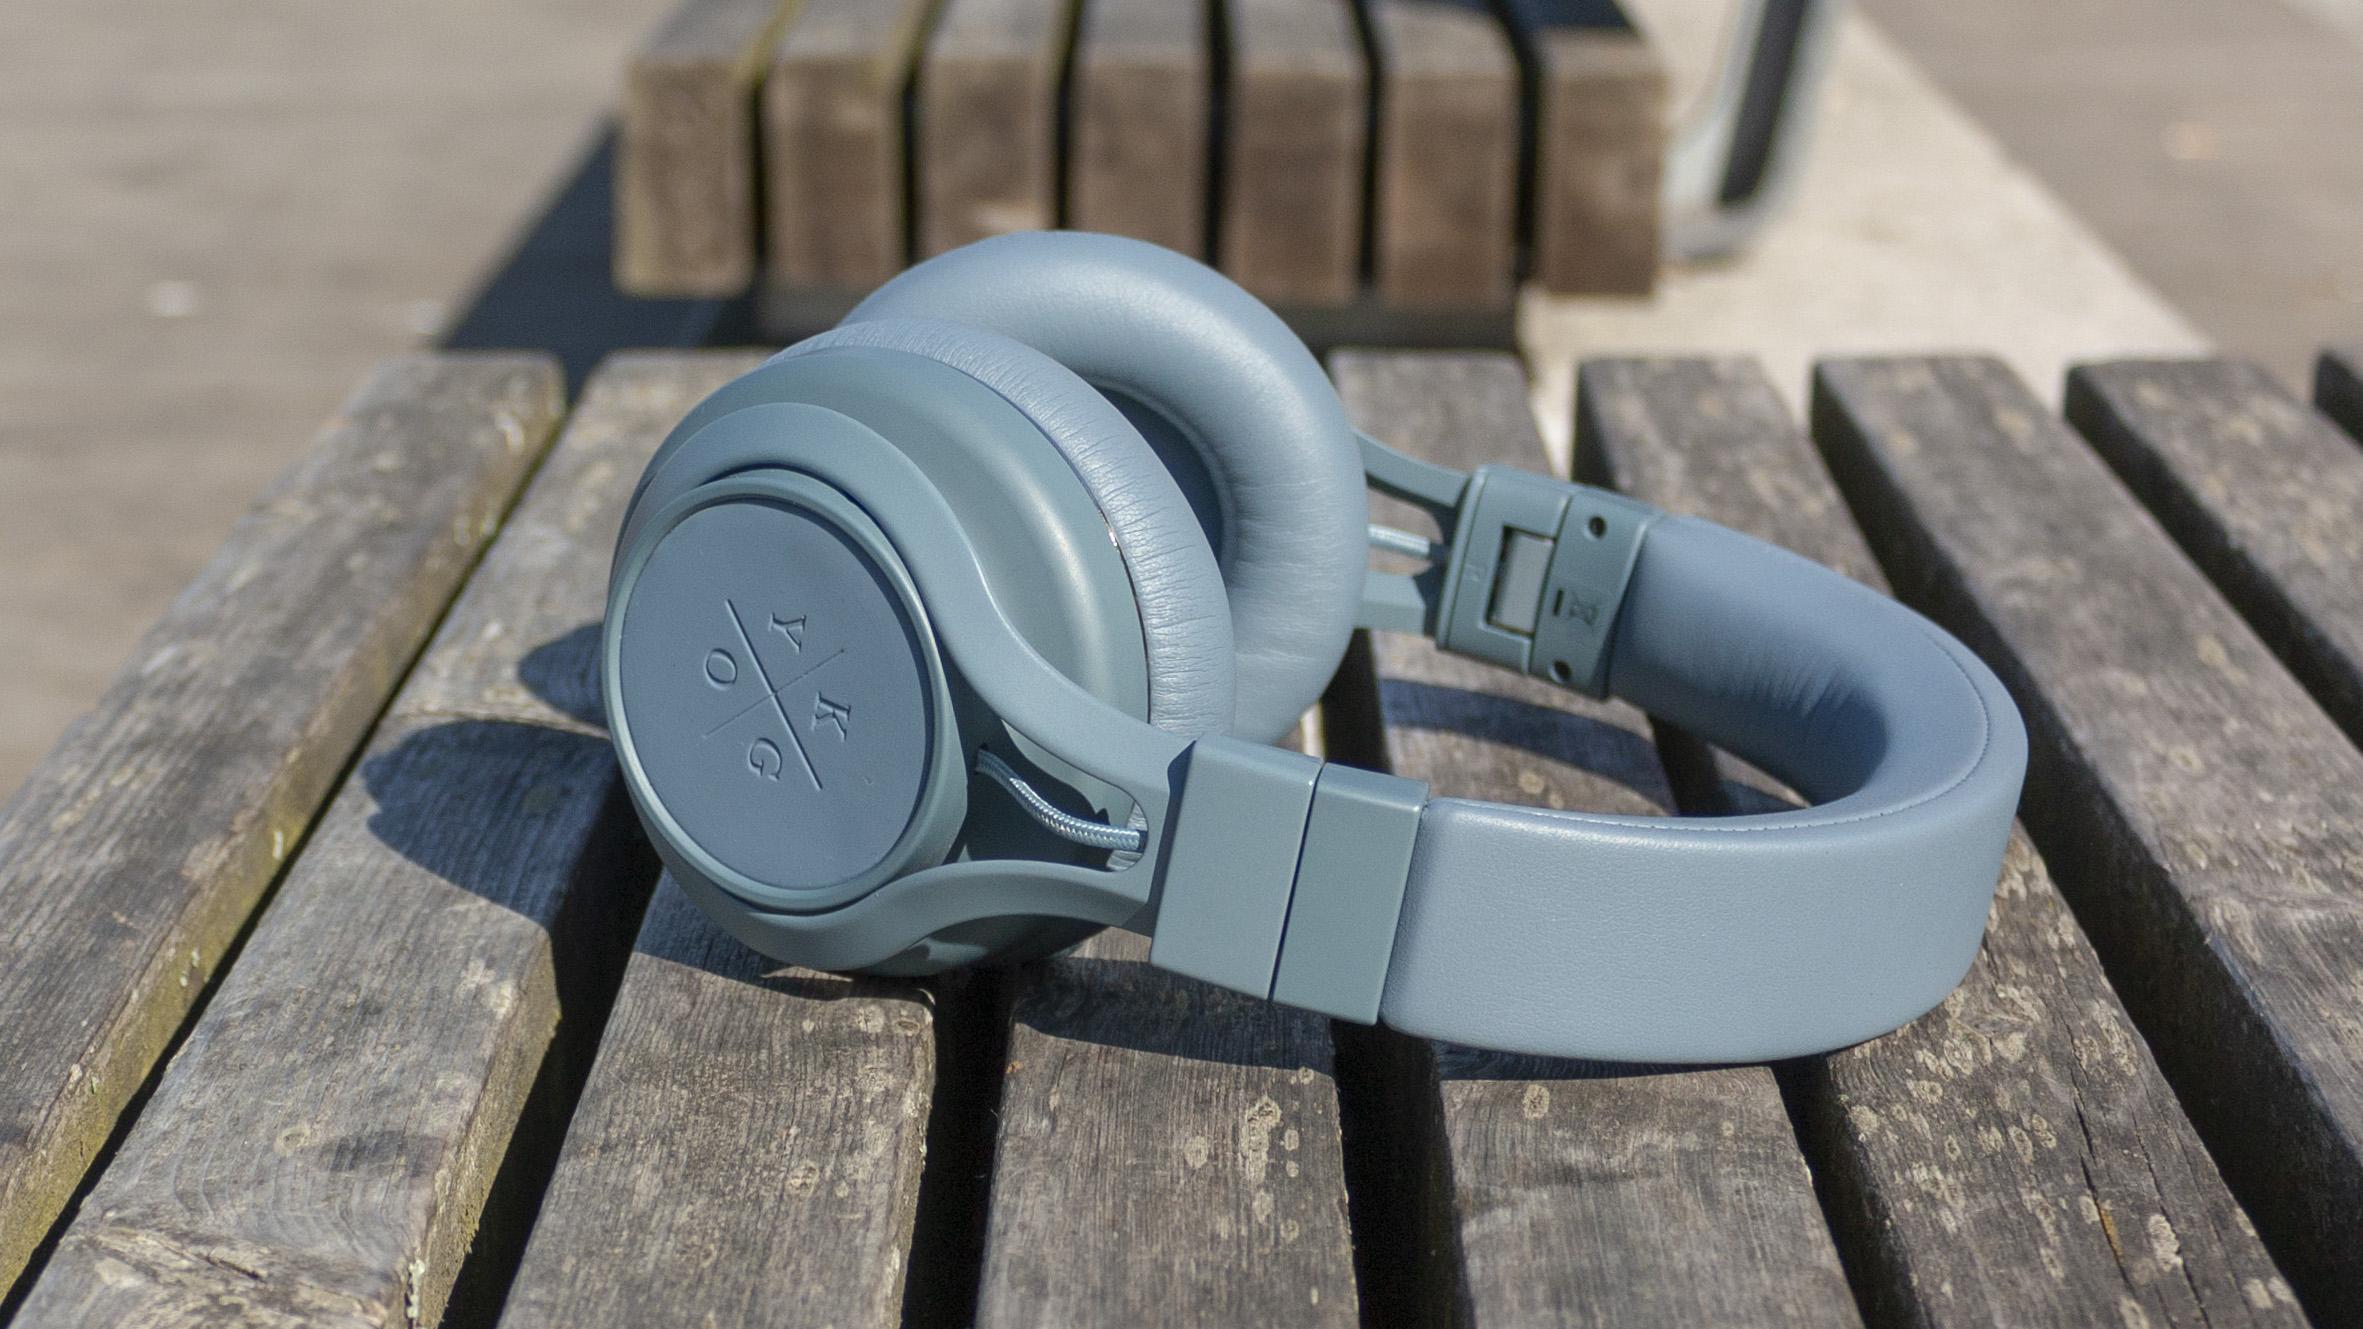 341f46598 Test: Kygo Sound A9/600 | TechRadar